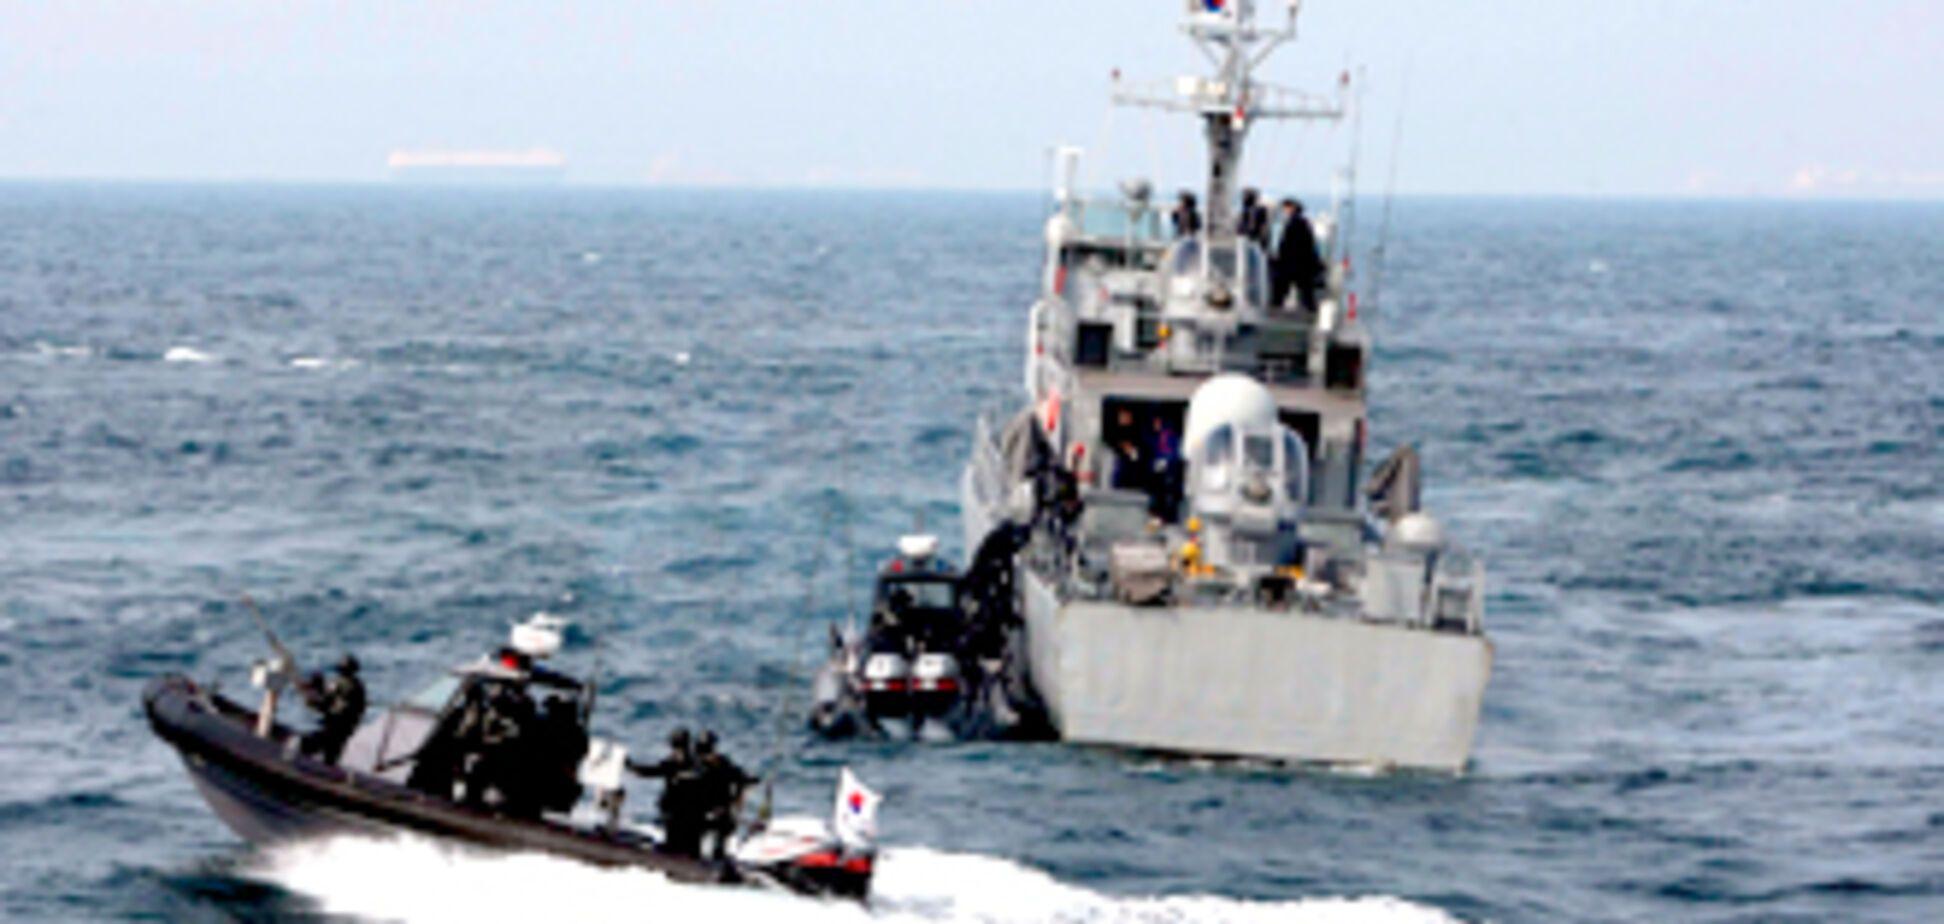 Пираты освободили судно с украинцами